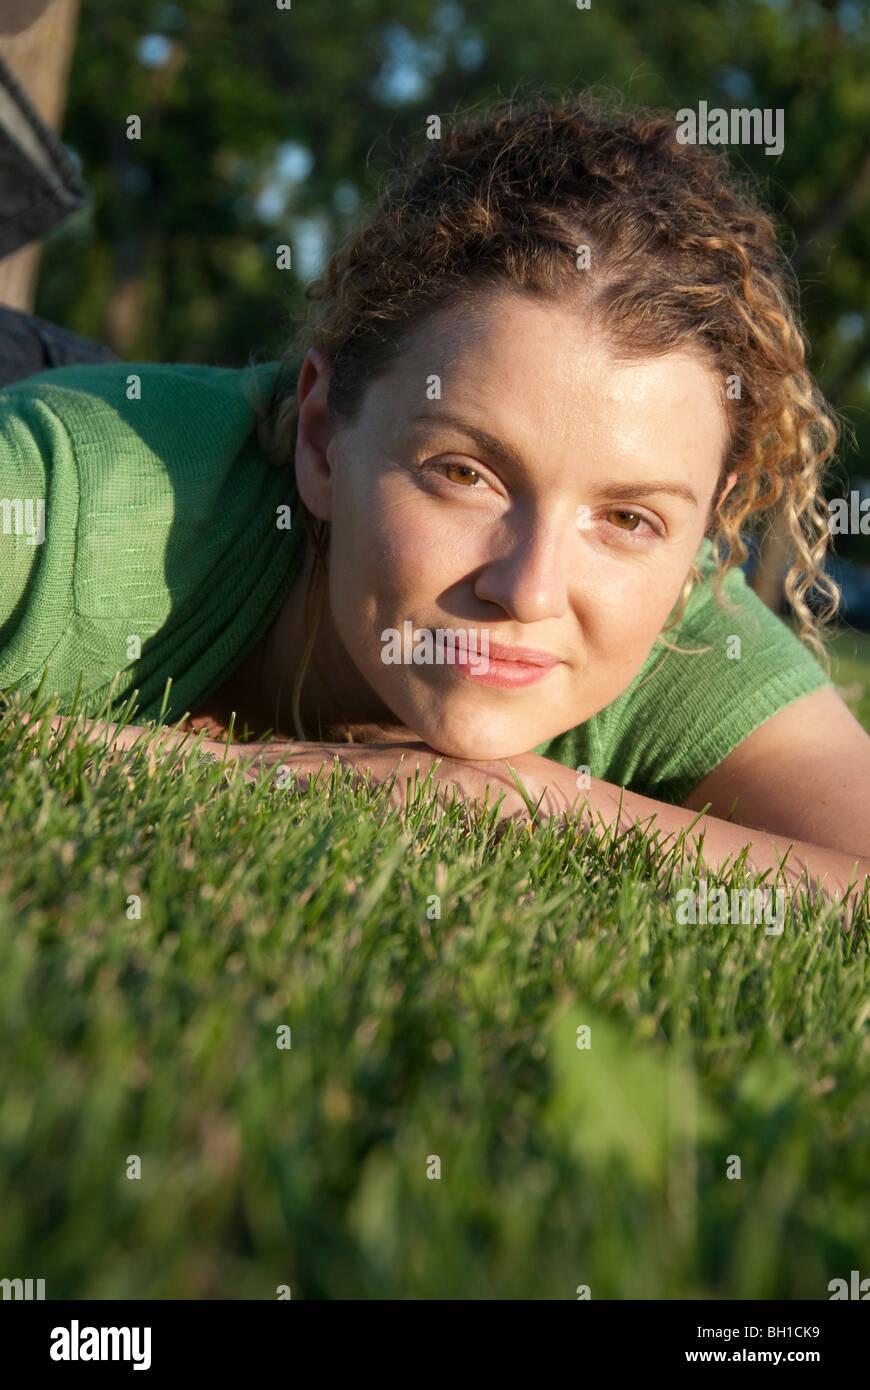 Retrato de mujer en sus 40s sobre el césped en el Parque Assinboine, Winnipeg, Manitoba, Canadá Imagen De Stock